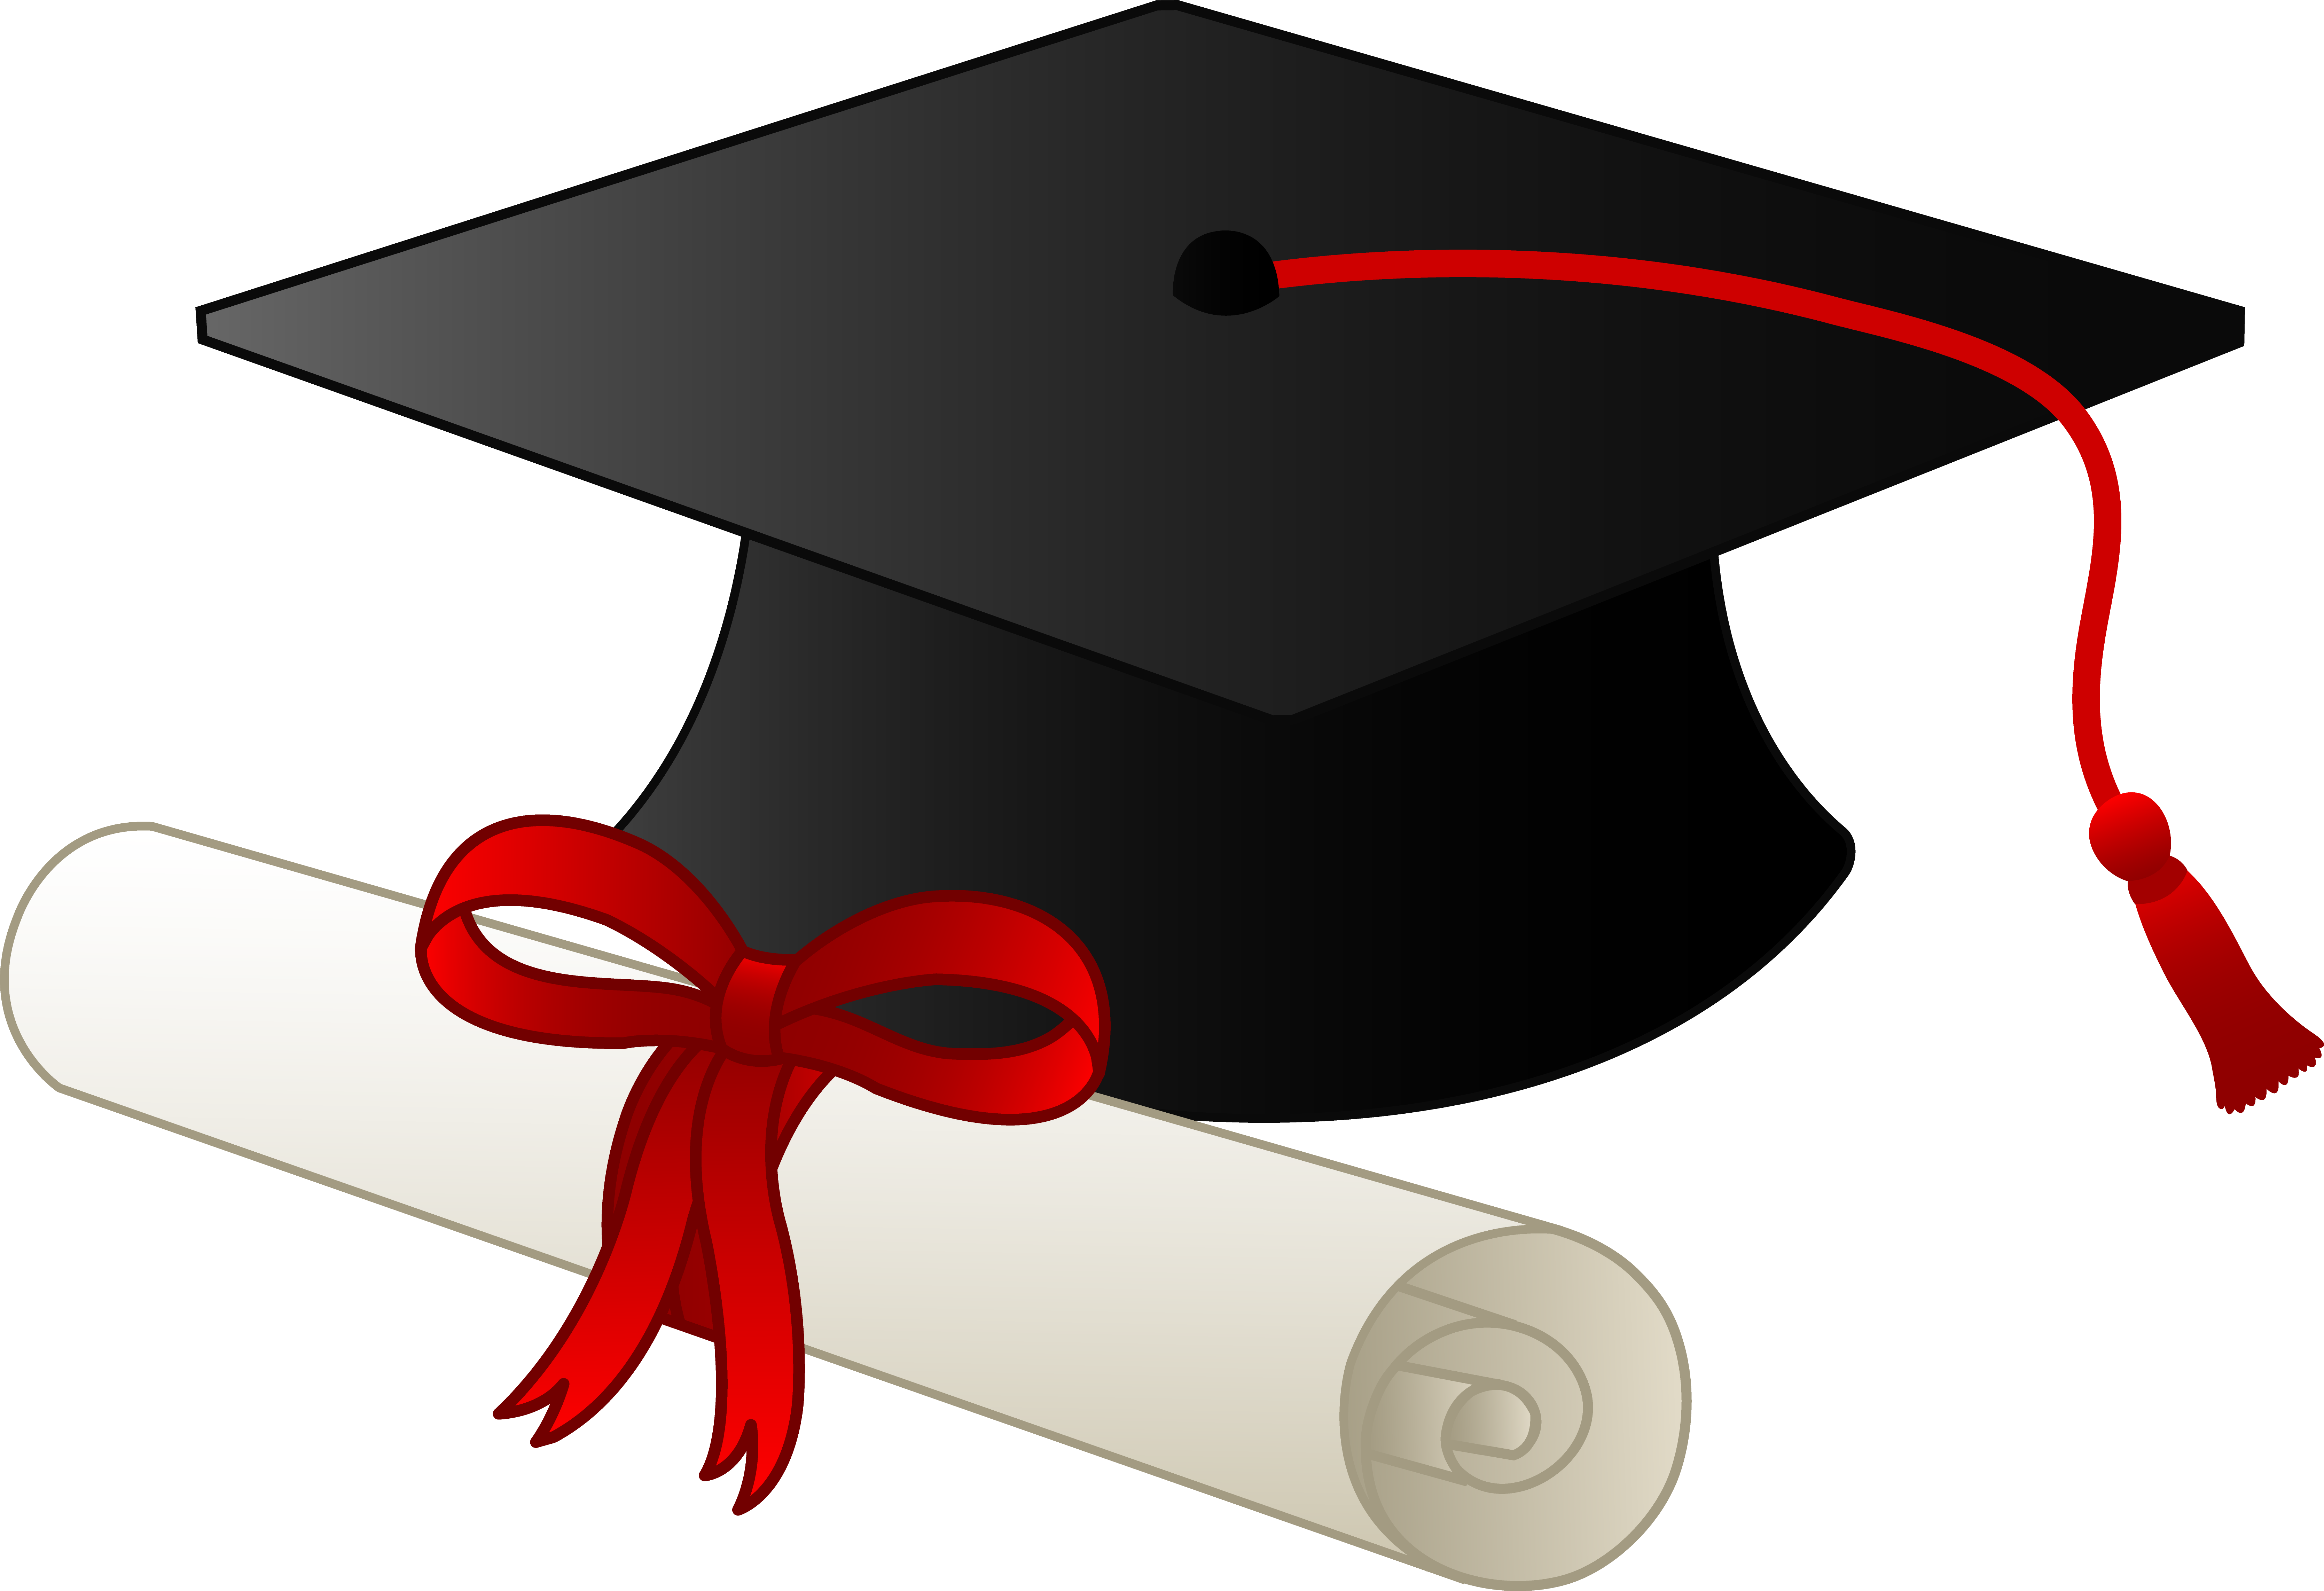 graduation 2016 clipart #208.